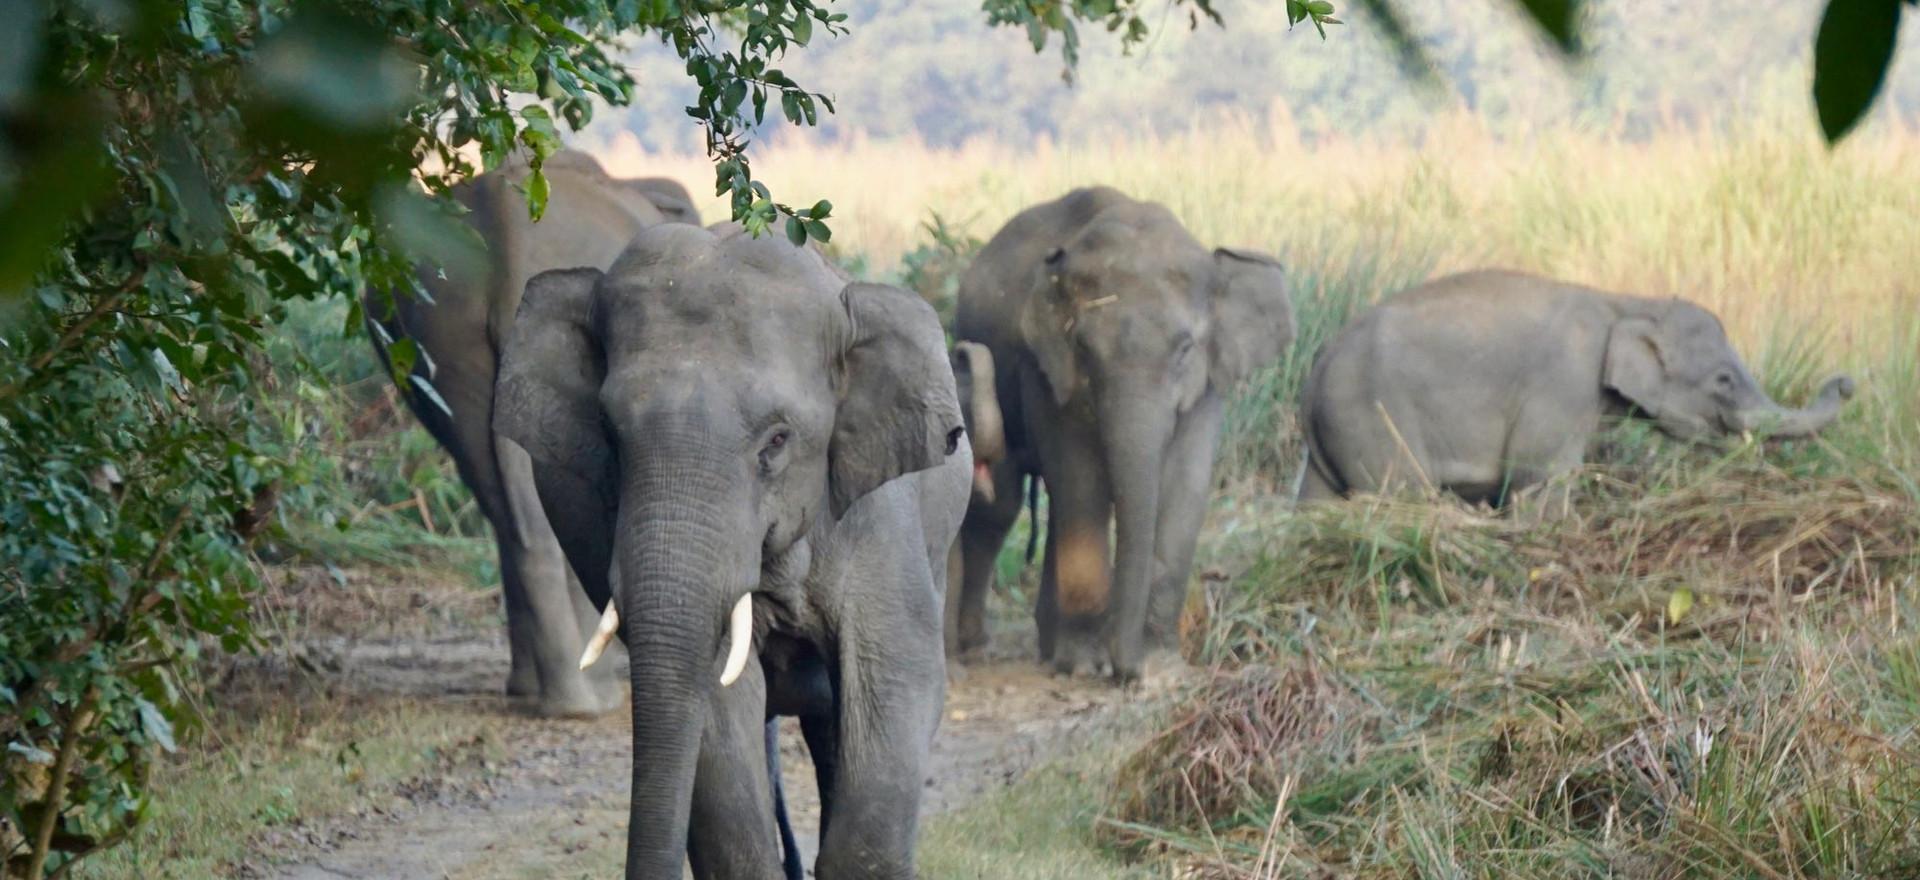 Elefanten_Dudhwa.jpg